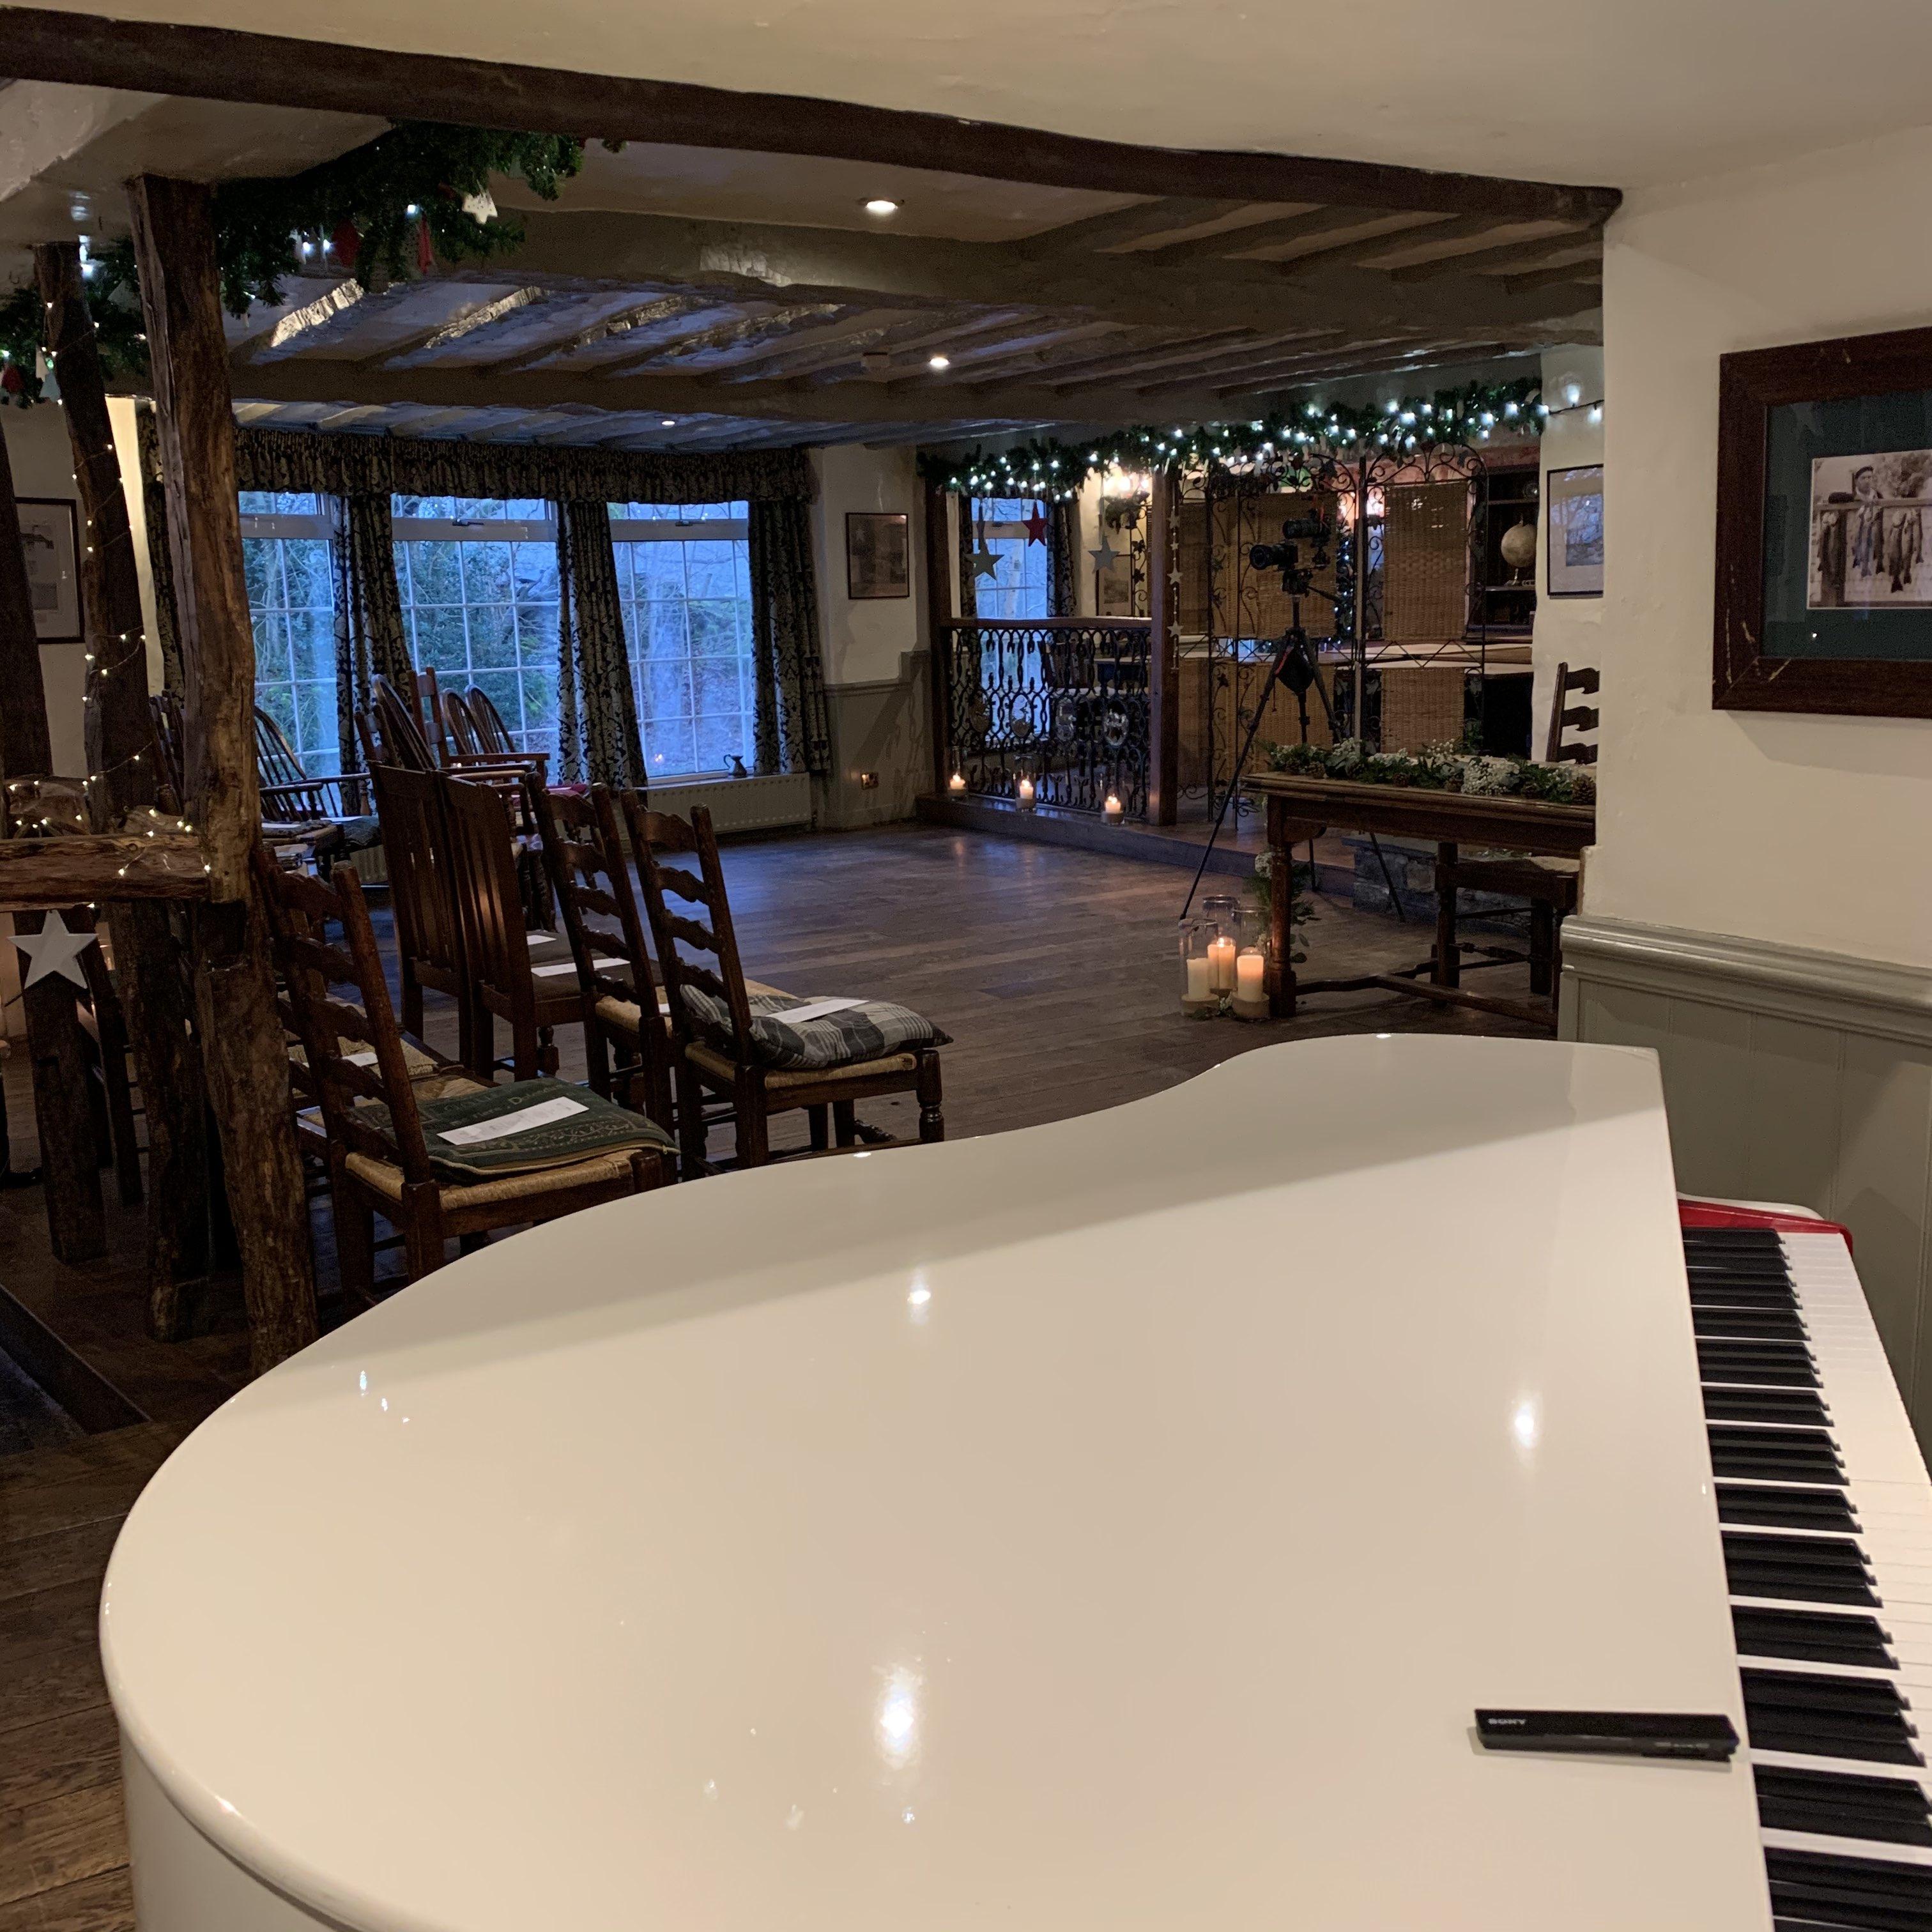 Craig Smith Wedding Pianist for Wild Boar Inn wedding ceremony